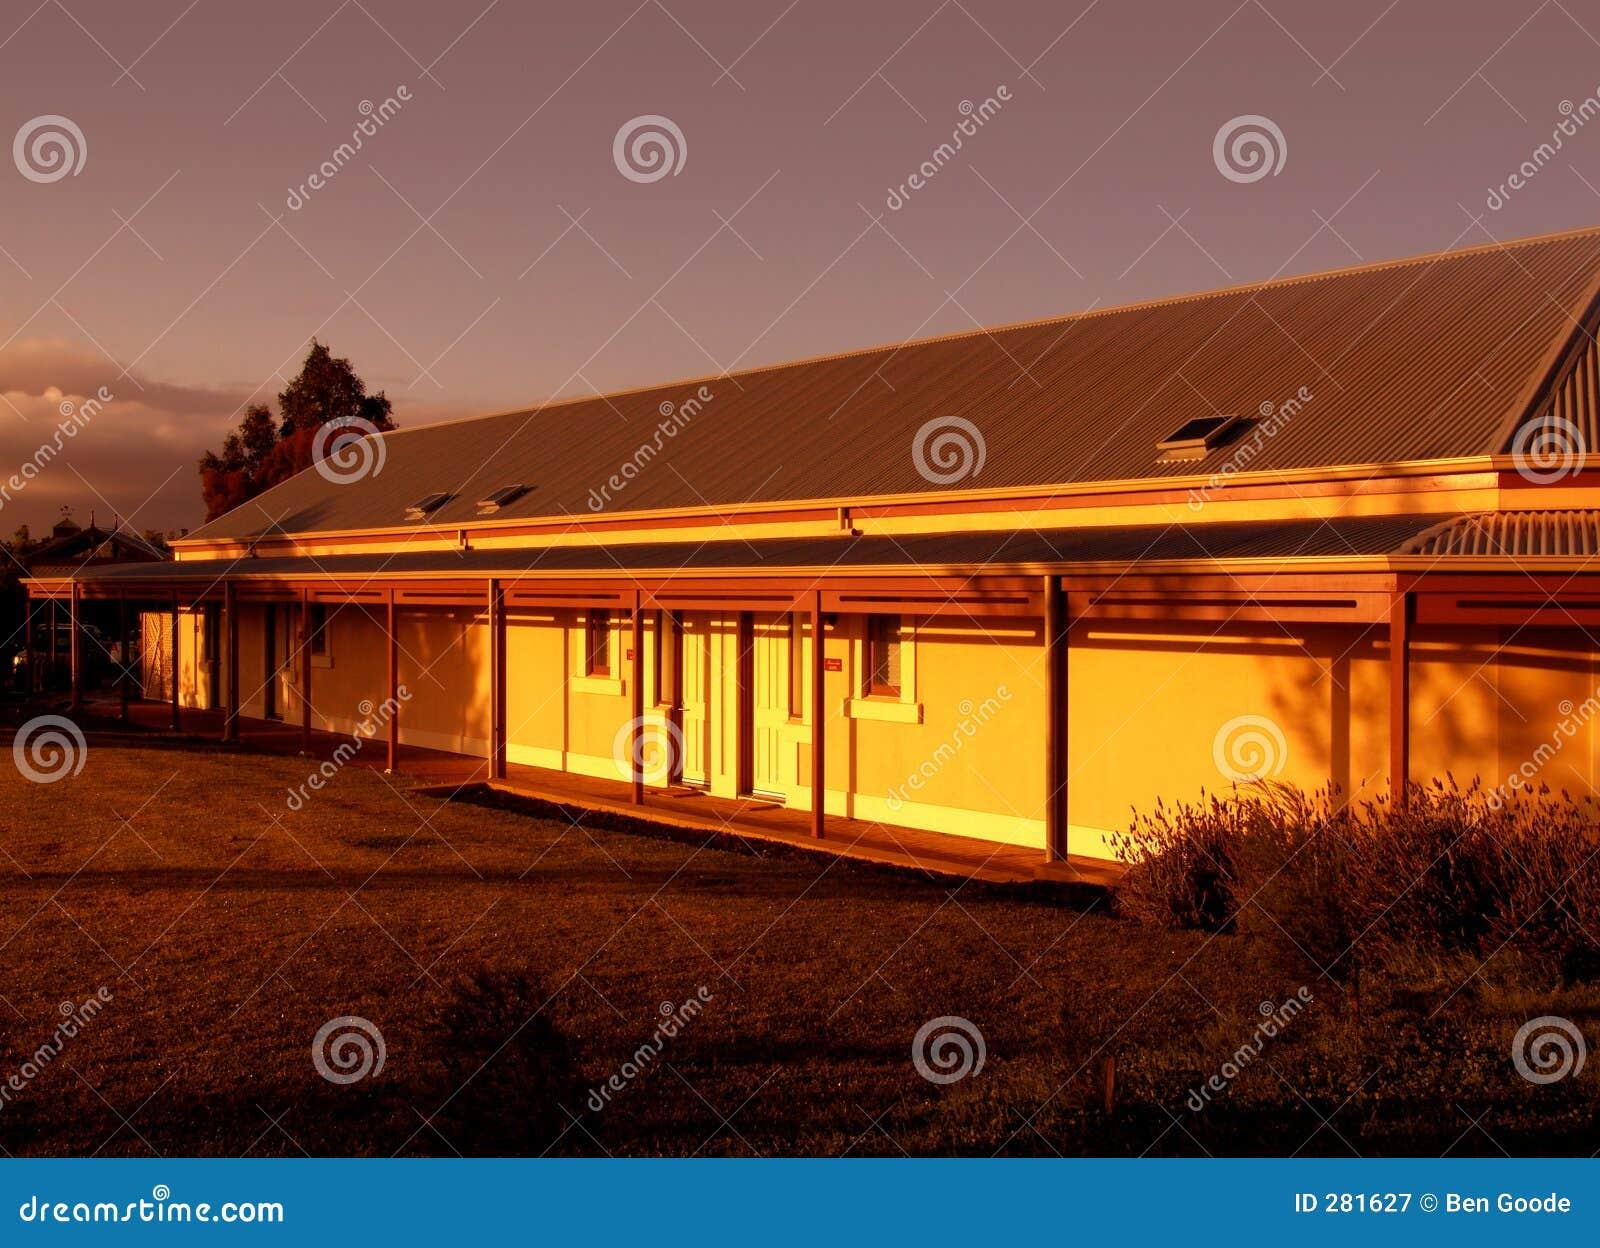 Het Huis van het landbouwbedrijf bij Zonsopgang